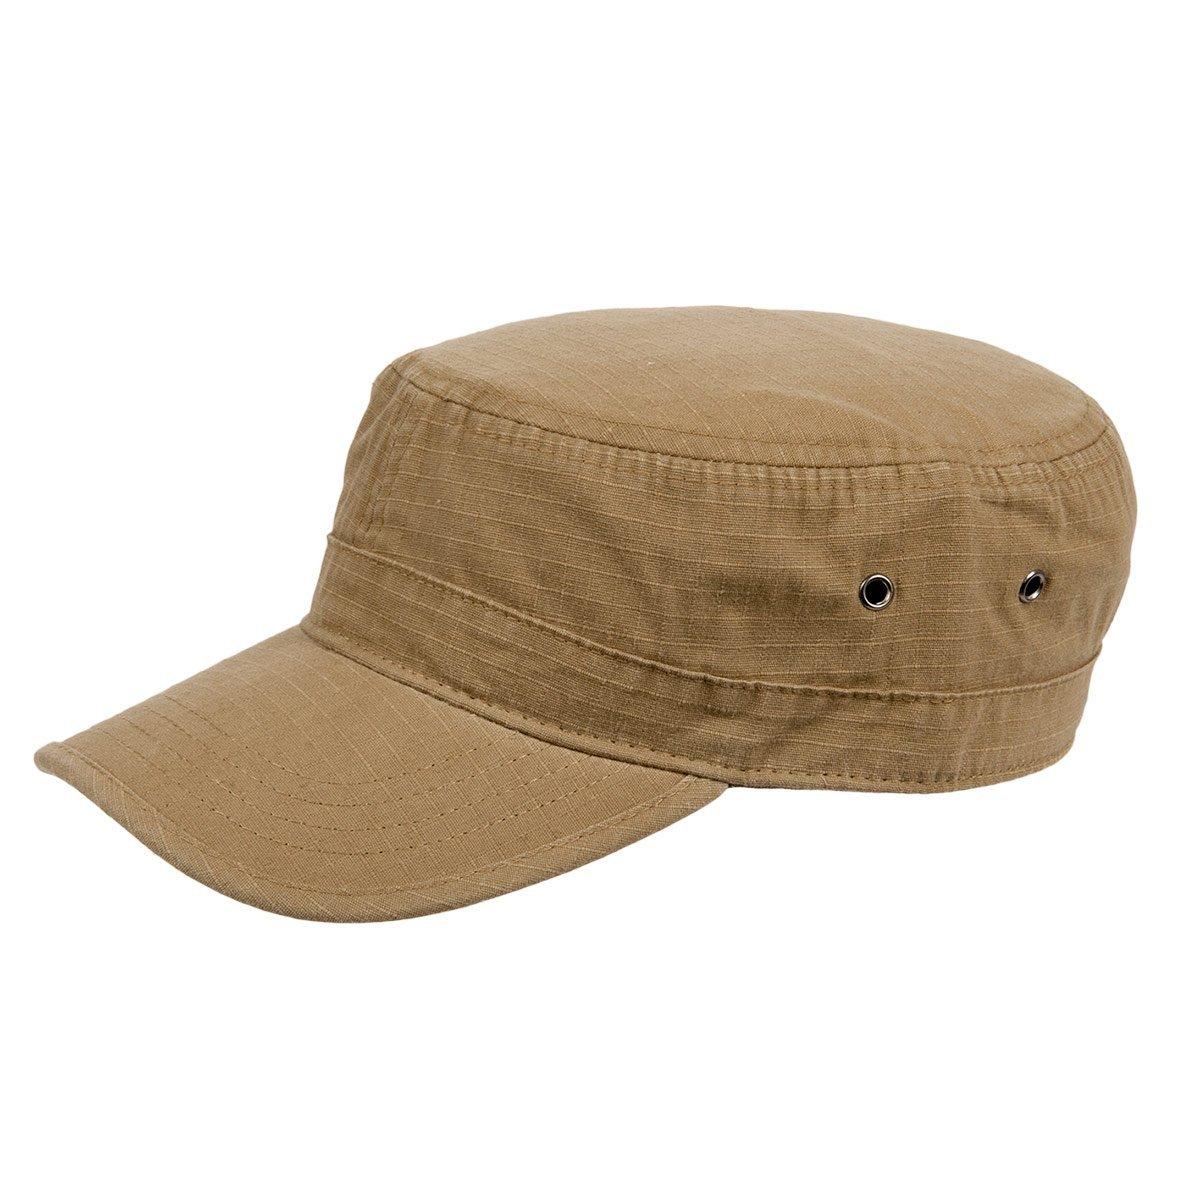 berretto con visiera stile militare in cotone e04bd25fc1f3